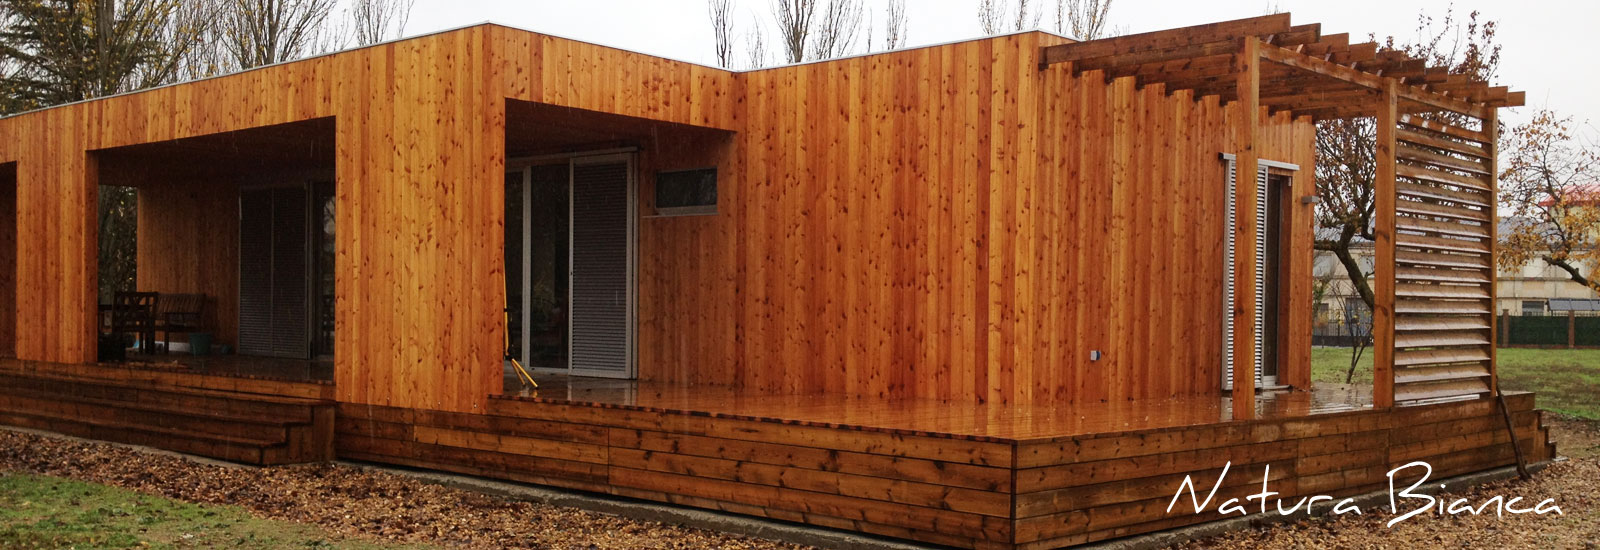 Maison Bois Avis maison modulaire bois. maison prefabriquée. maison en bois